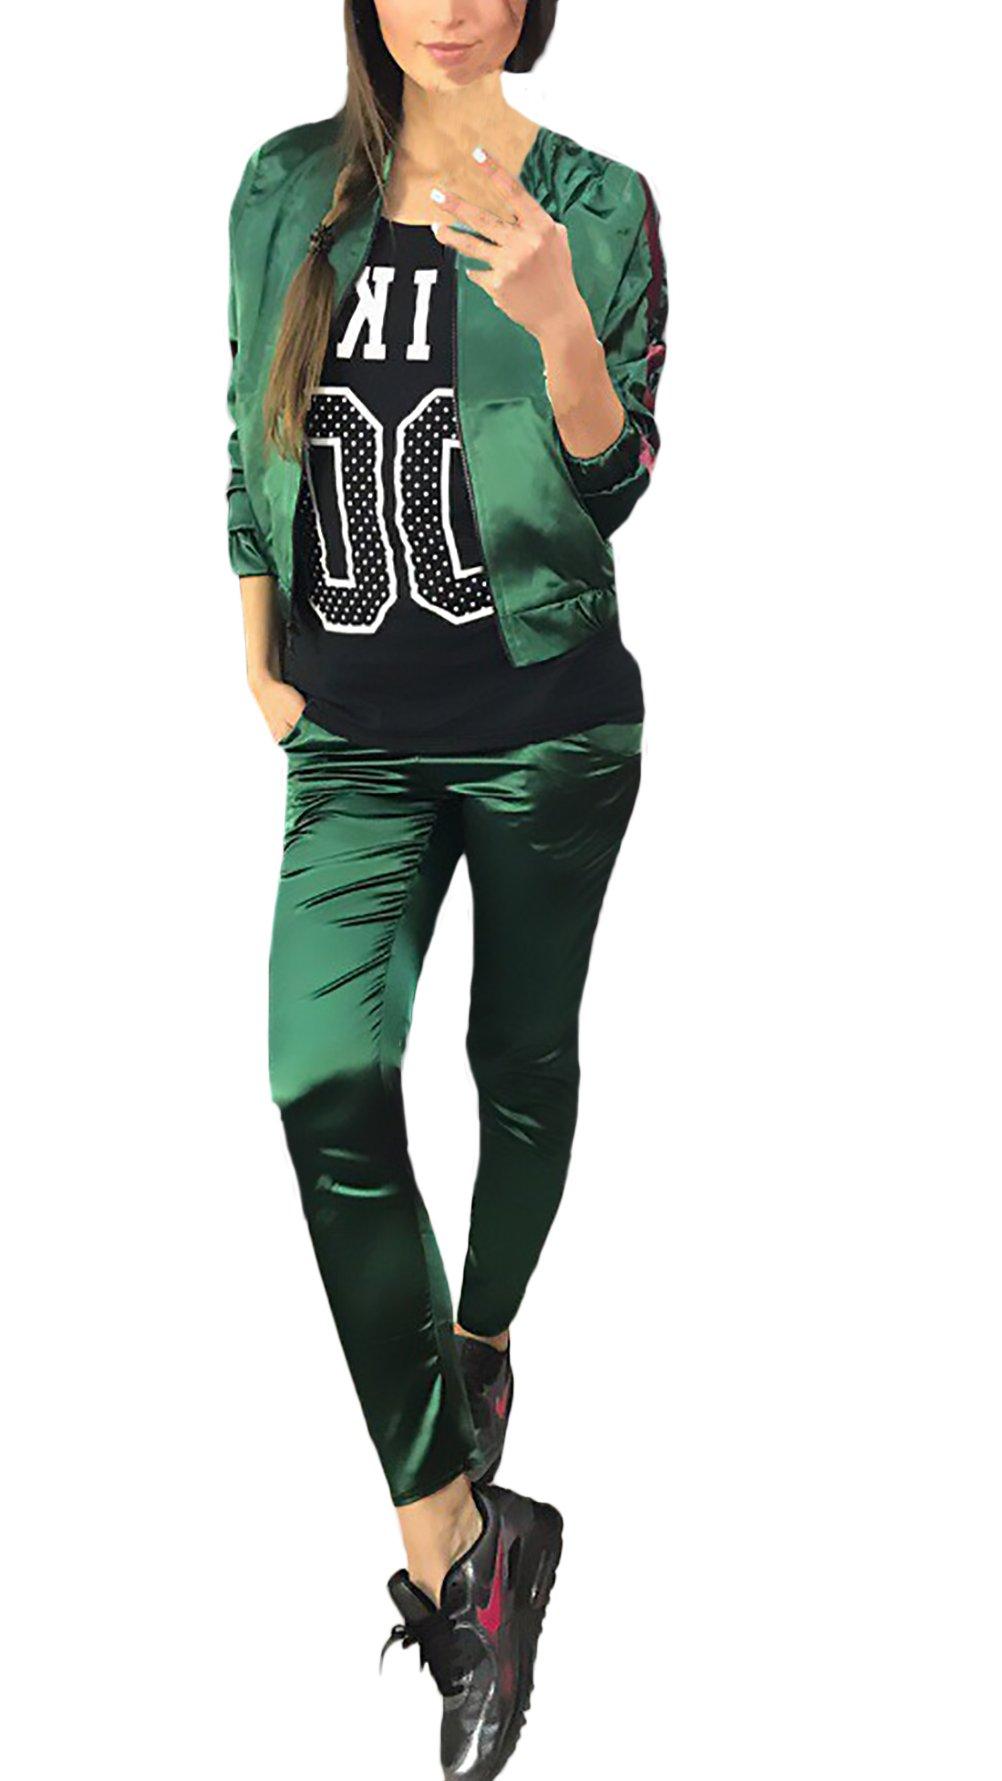 8cbc165996bf Tute Donna Ginnastica Eleganti Manica Lunga Con Zip Giacca E Lunghi  Pantaloni Giovane Grazioso Sportivi Due Pezzi Set Casual Autunno Inverno  Sportive ...